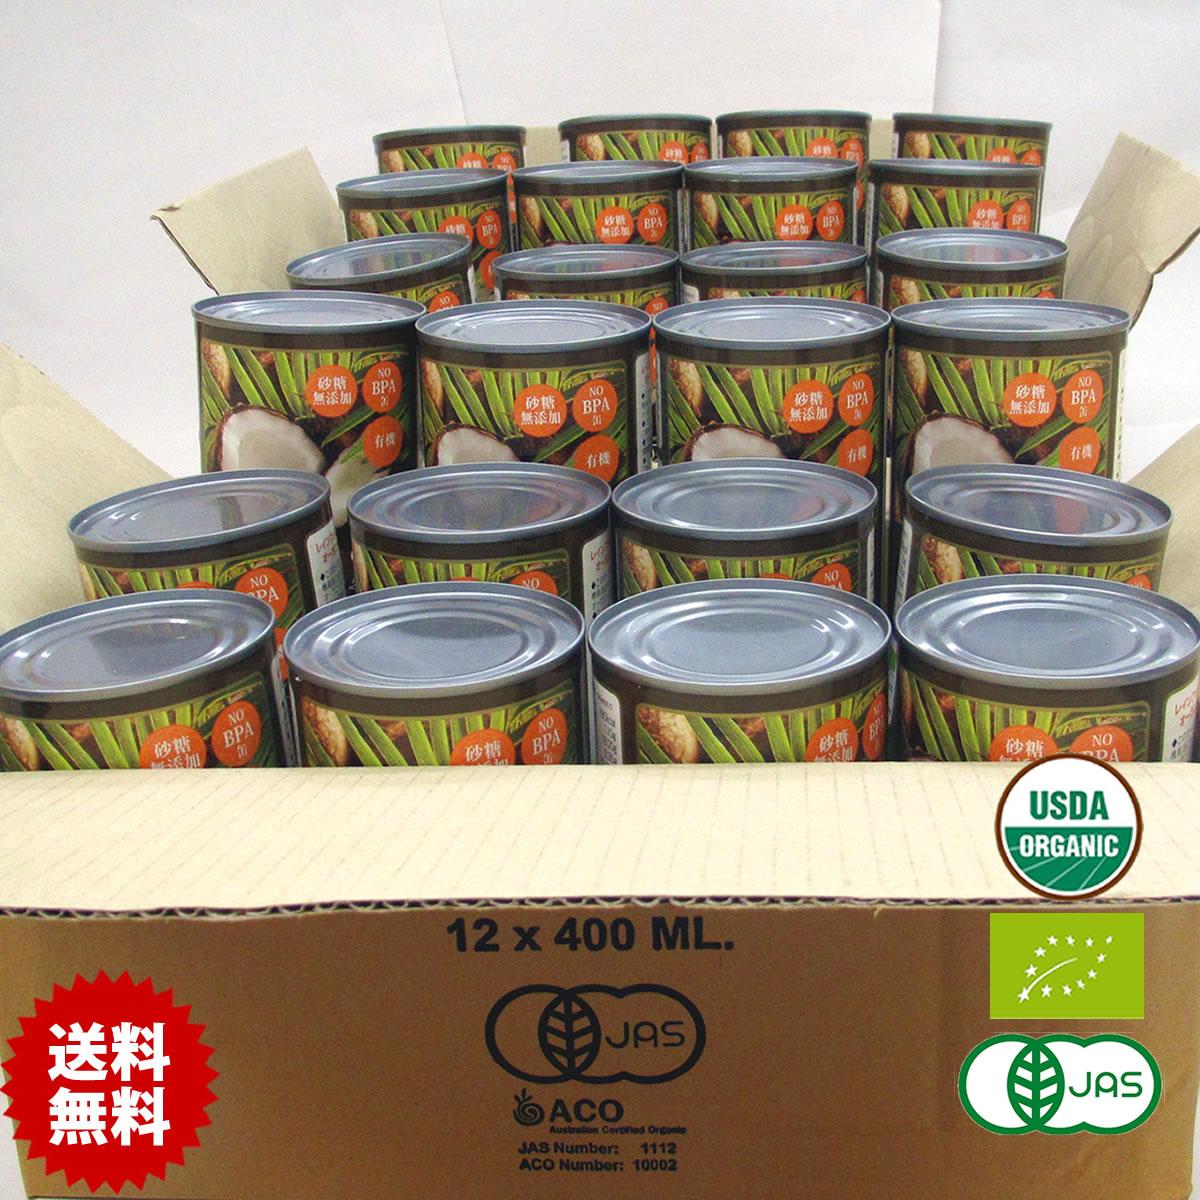 有機JASオーガニックココナッツミルク400ml 24缶セット 送料無料 certified organic coconut milk 砂糖無添加・無精製・無漂白・無保存剤 BPA不使用